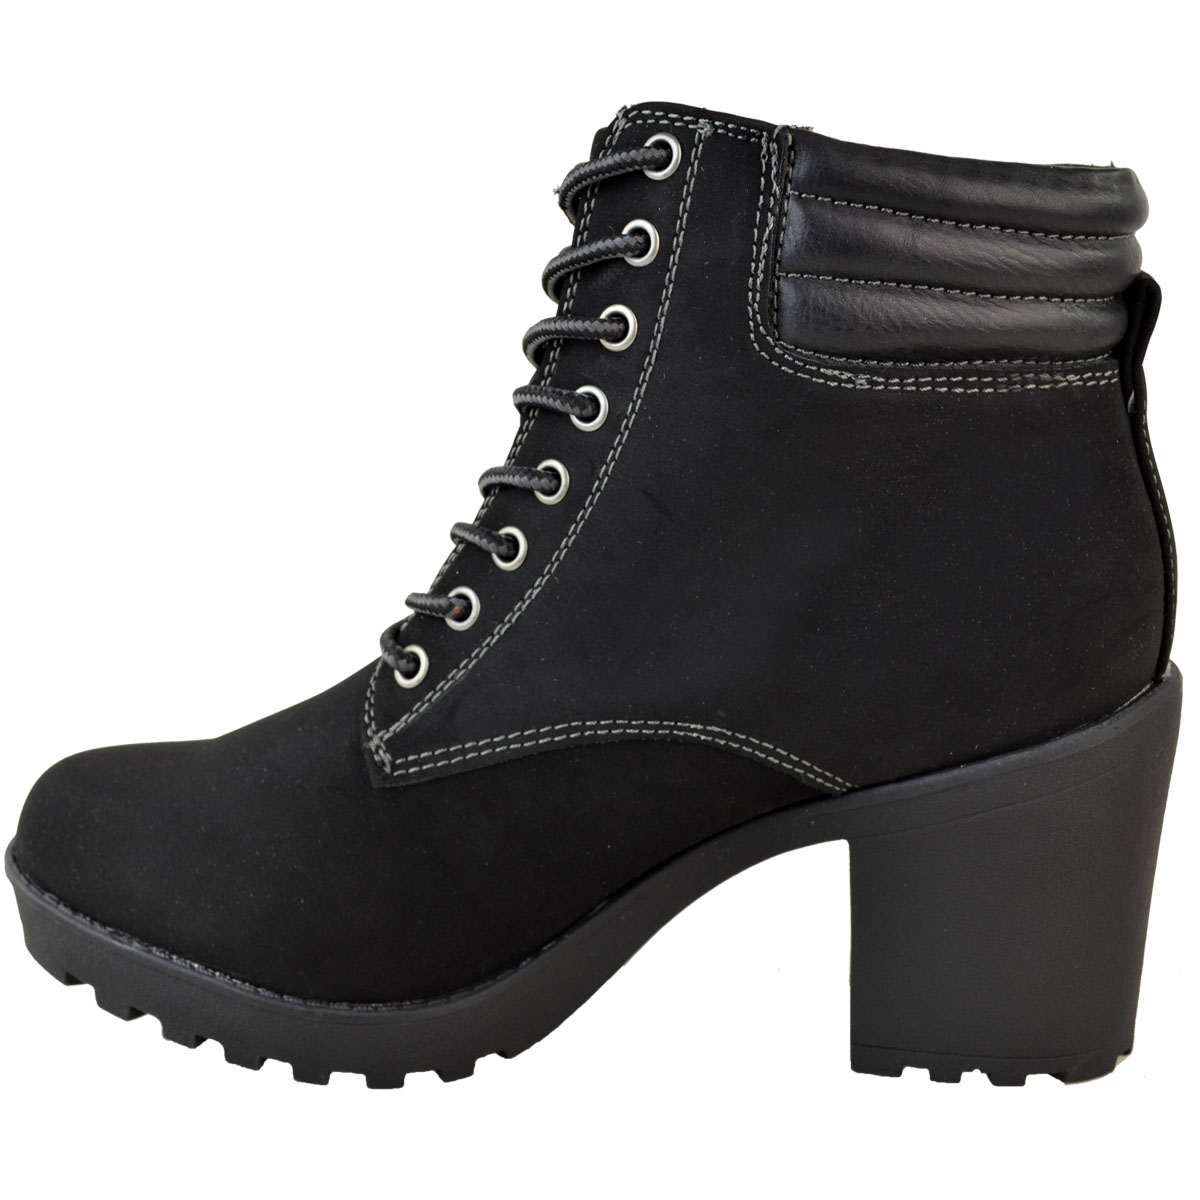 Womens-Ladies-Winter-Walking-Boots-Fleece-Warm-Lining-Cosy-Low-Block-Heel-Size Indexbild 15